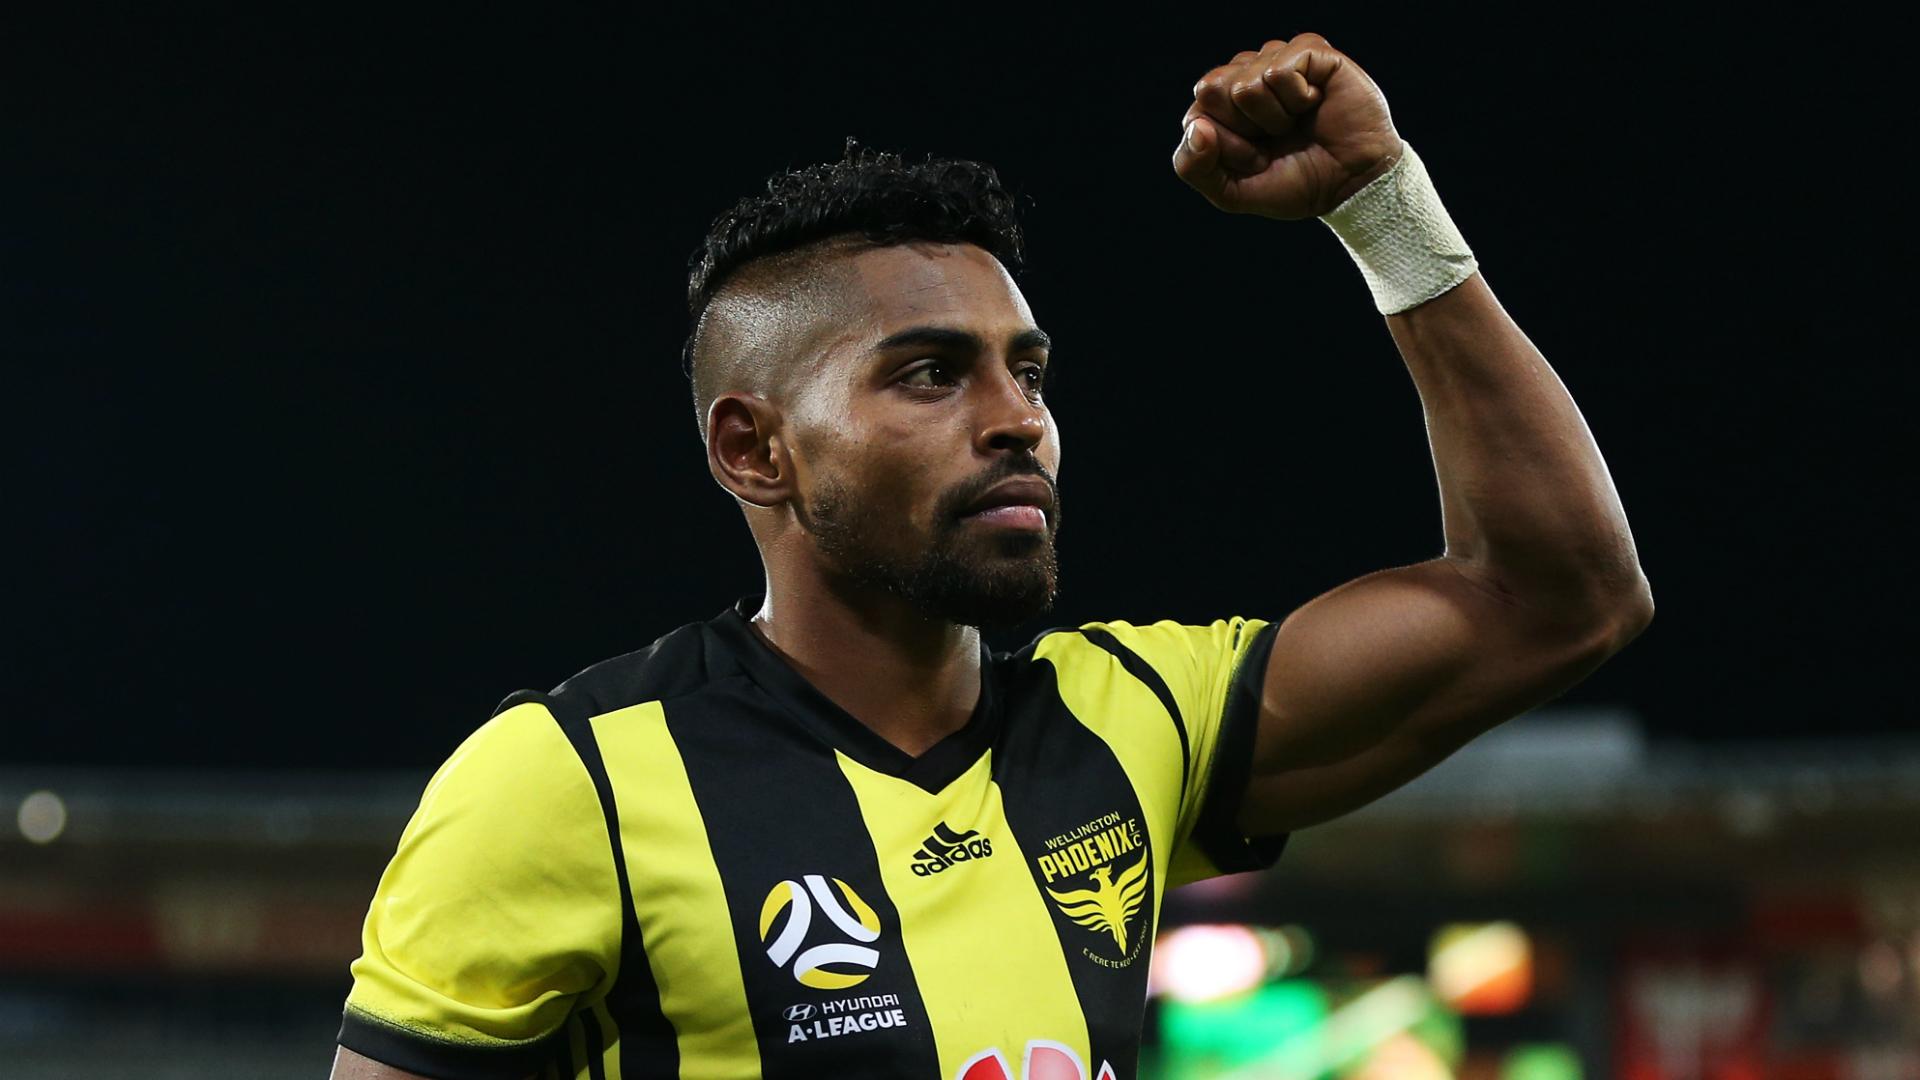 Wellington Phoenix 3 Melbourne City 2: Krishna's last-gasp hat-trick boosts top-four hopes